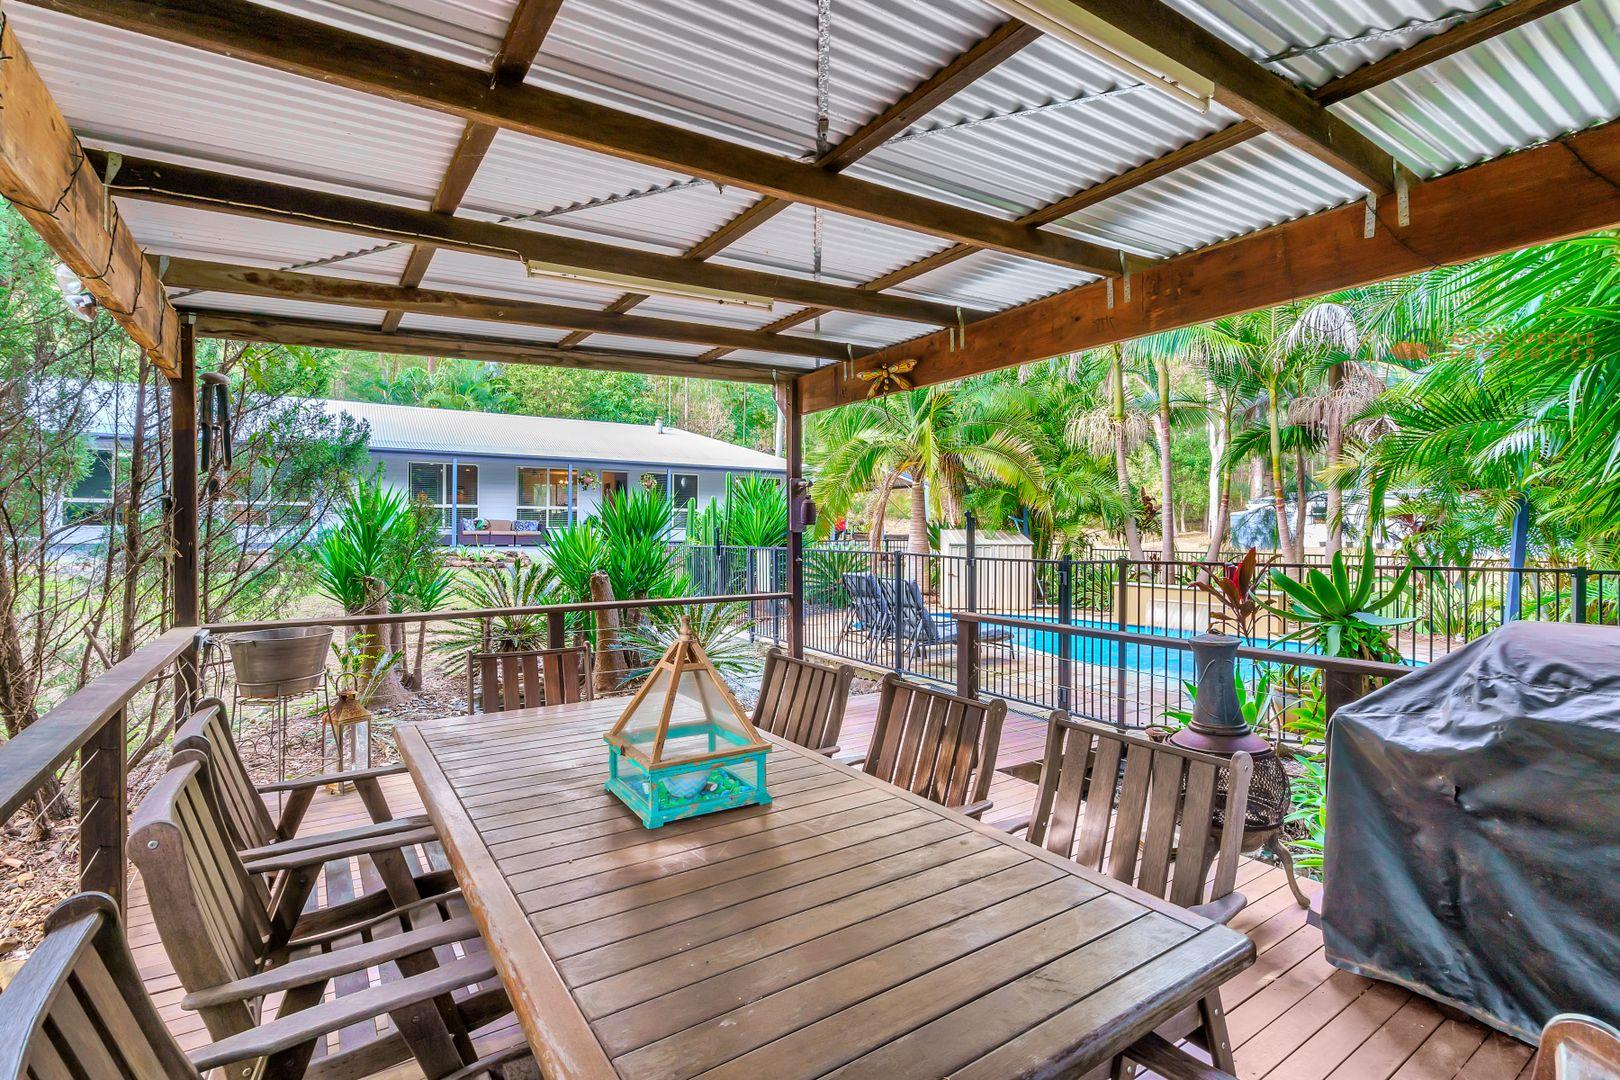 42-48 Noonara Drive, Wonglepong QLD 4275, Image 0